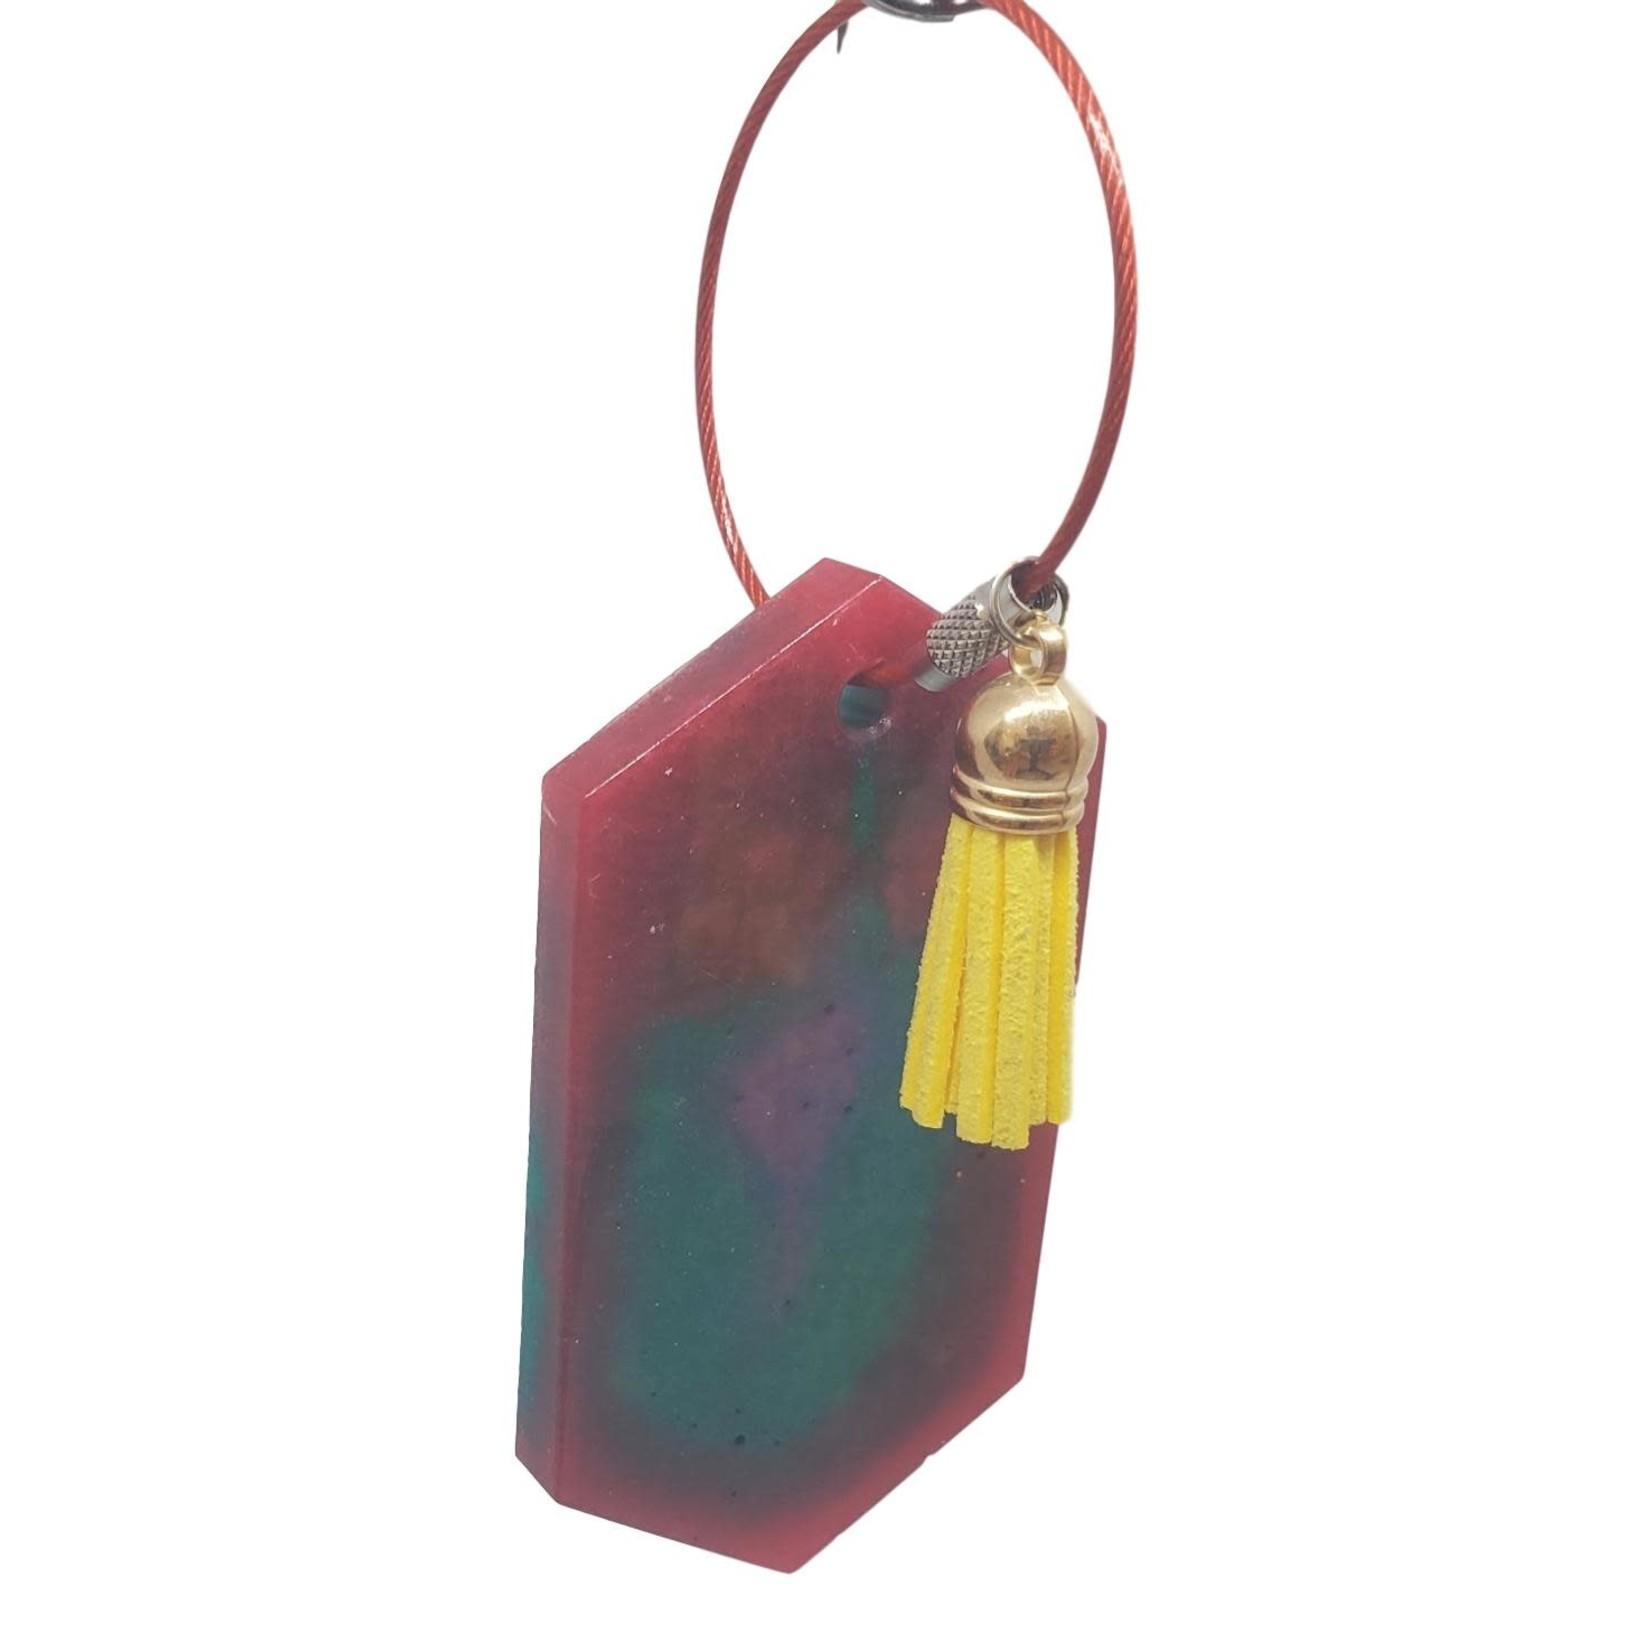 East Coast Sirens Tie-Dye Key Chain/Luggage Tag